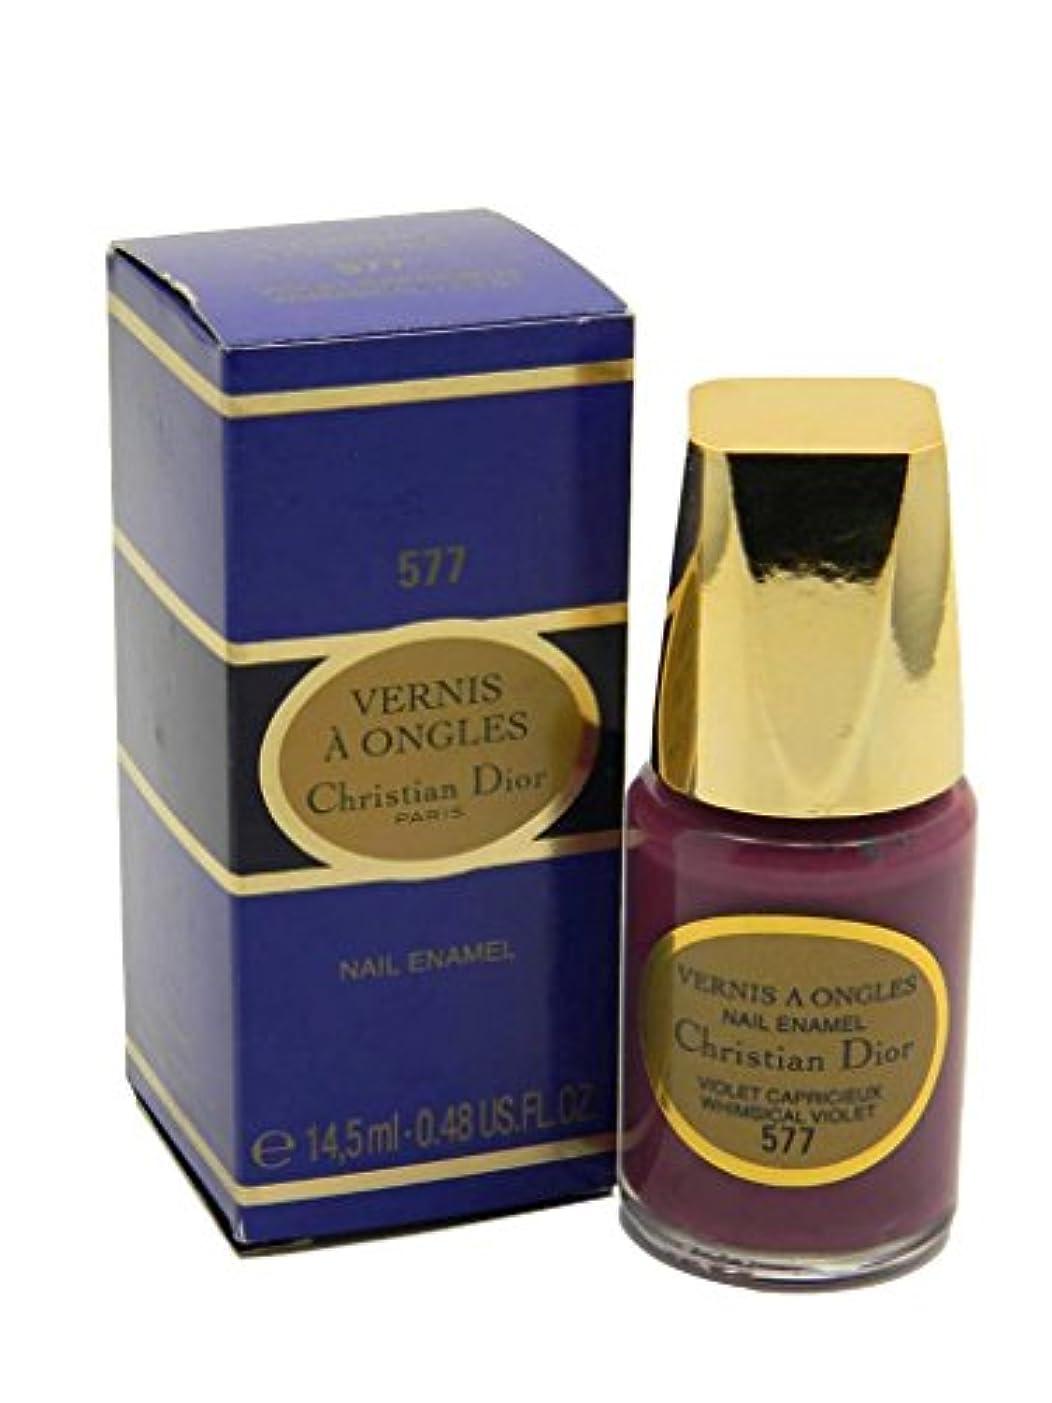 砂均等に冷蔵するDior Vernis A Ongles Nail Enamel Polish 577 Whimsical Violet(ディオール ヴェルニ ア オングル ネイルエナメル ポリッシュ 577 ウィムジカル バイオレット...